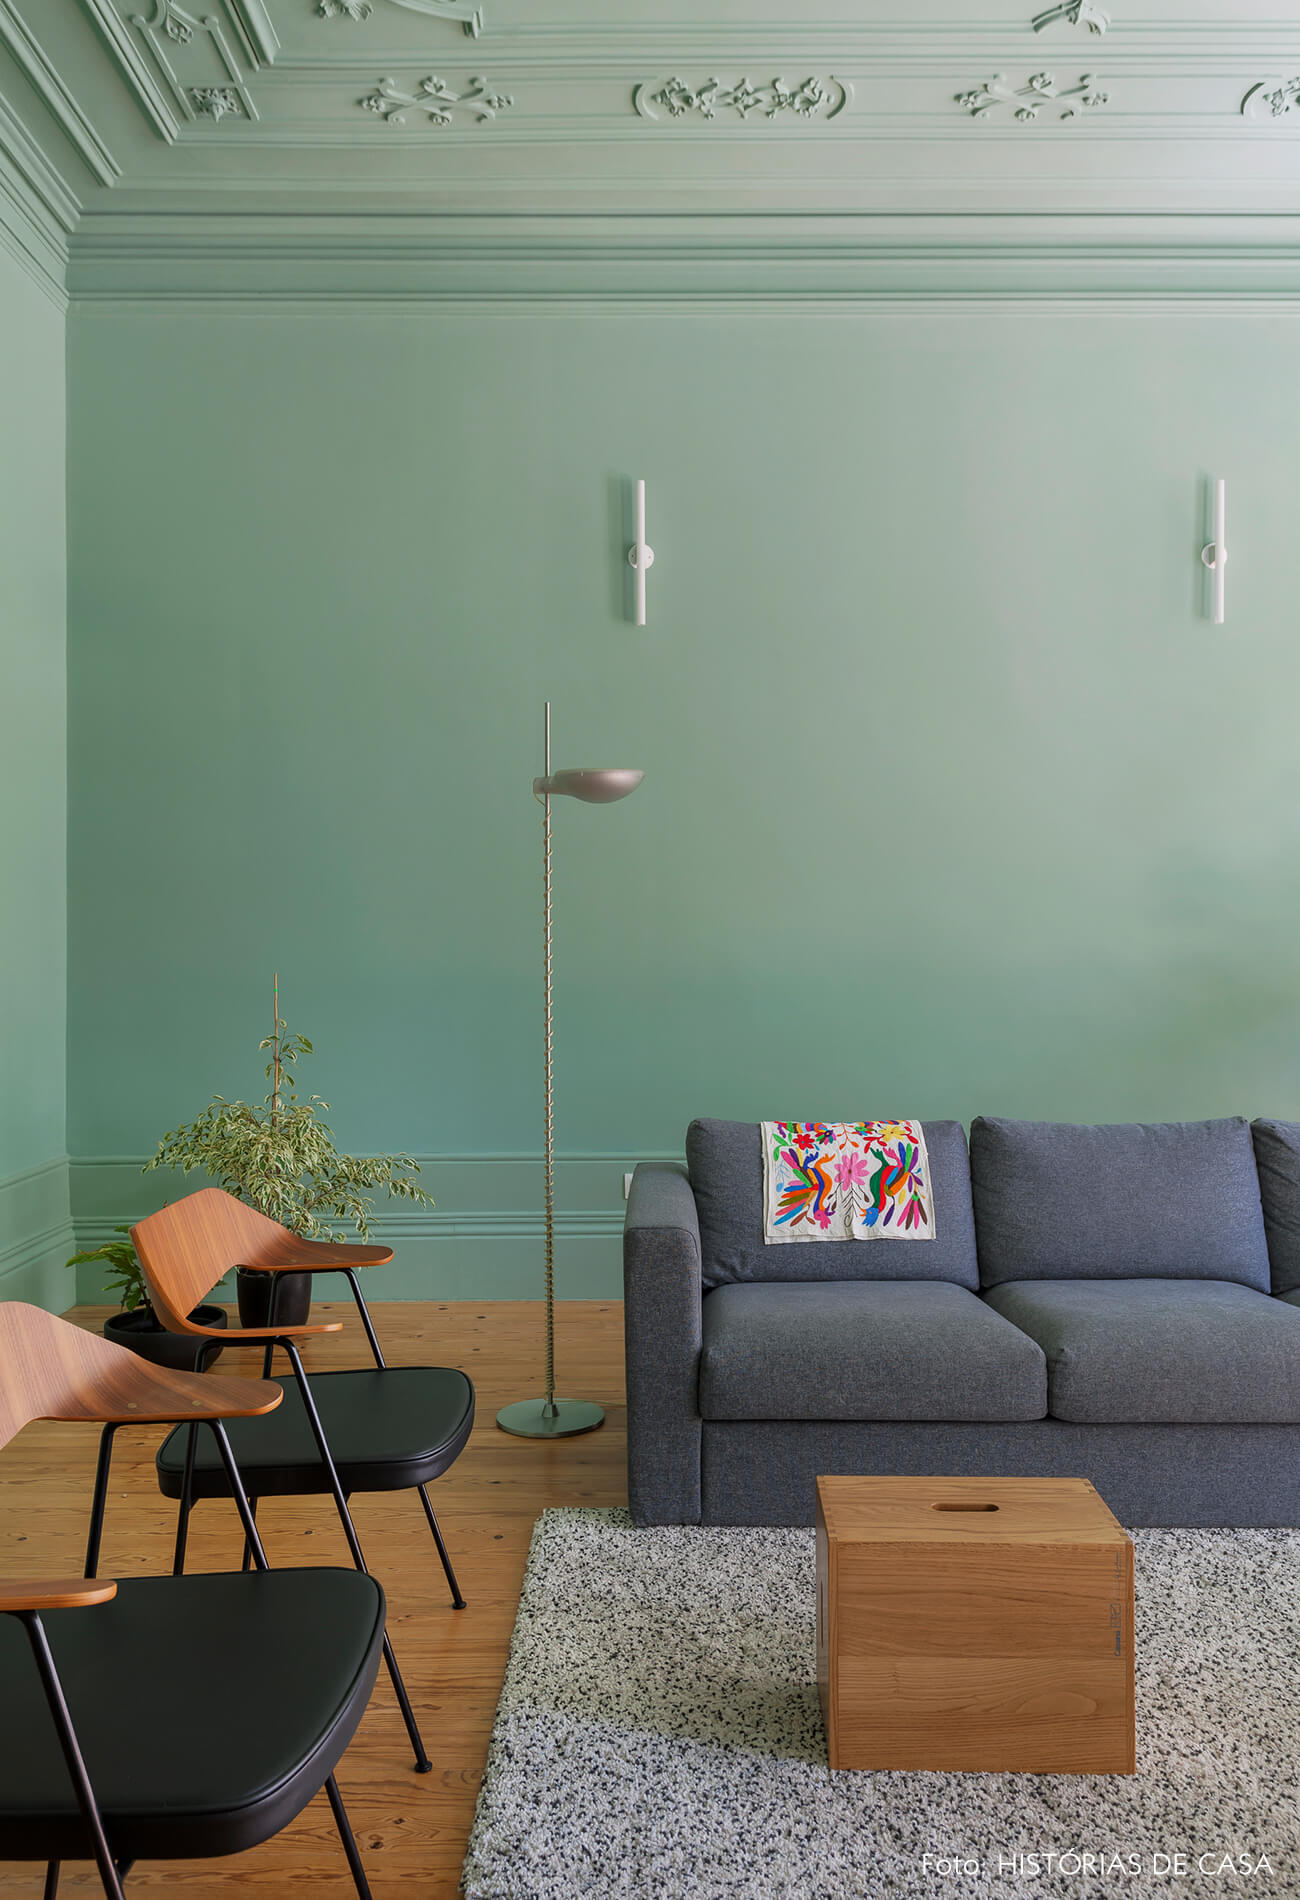 Apartamento com sala pintada de verde